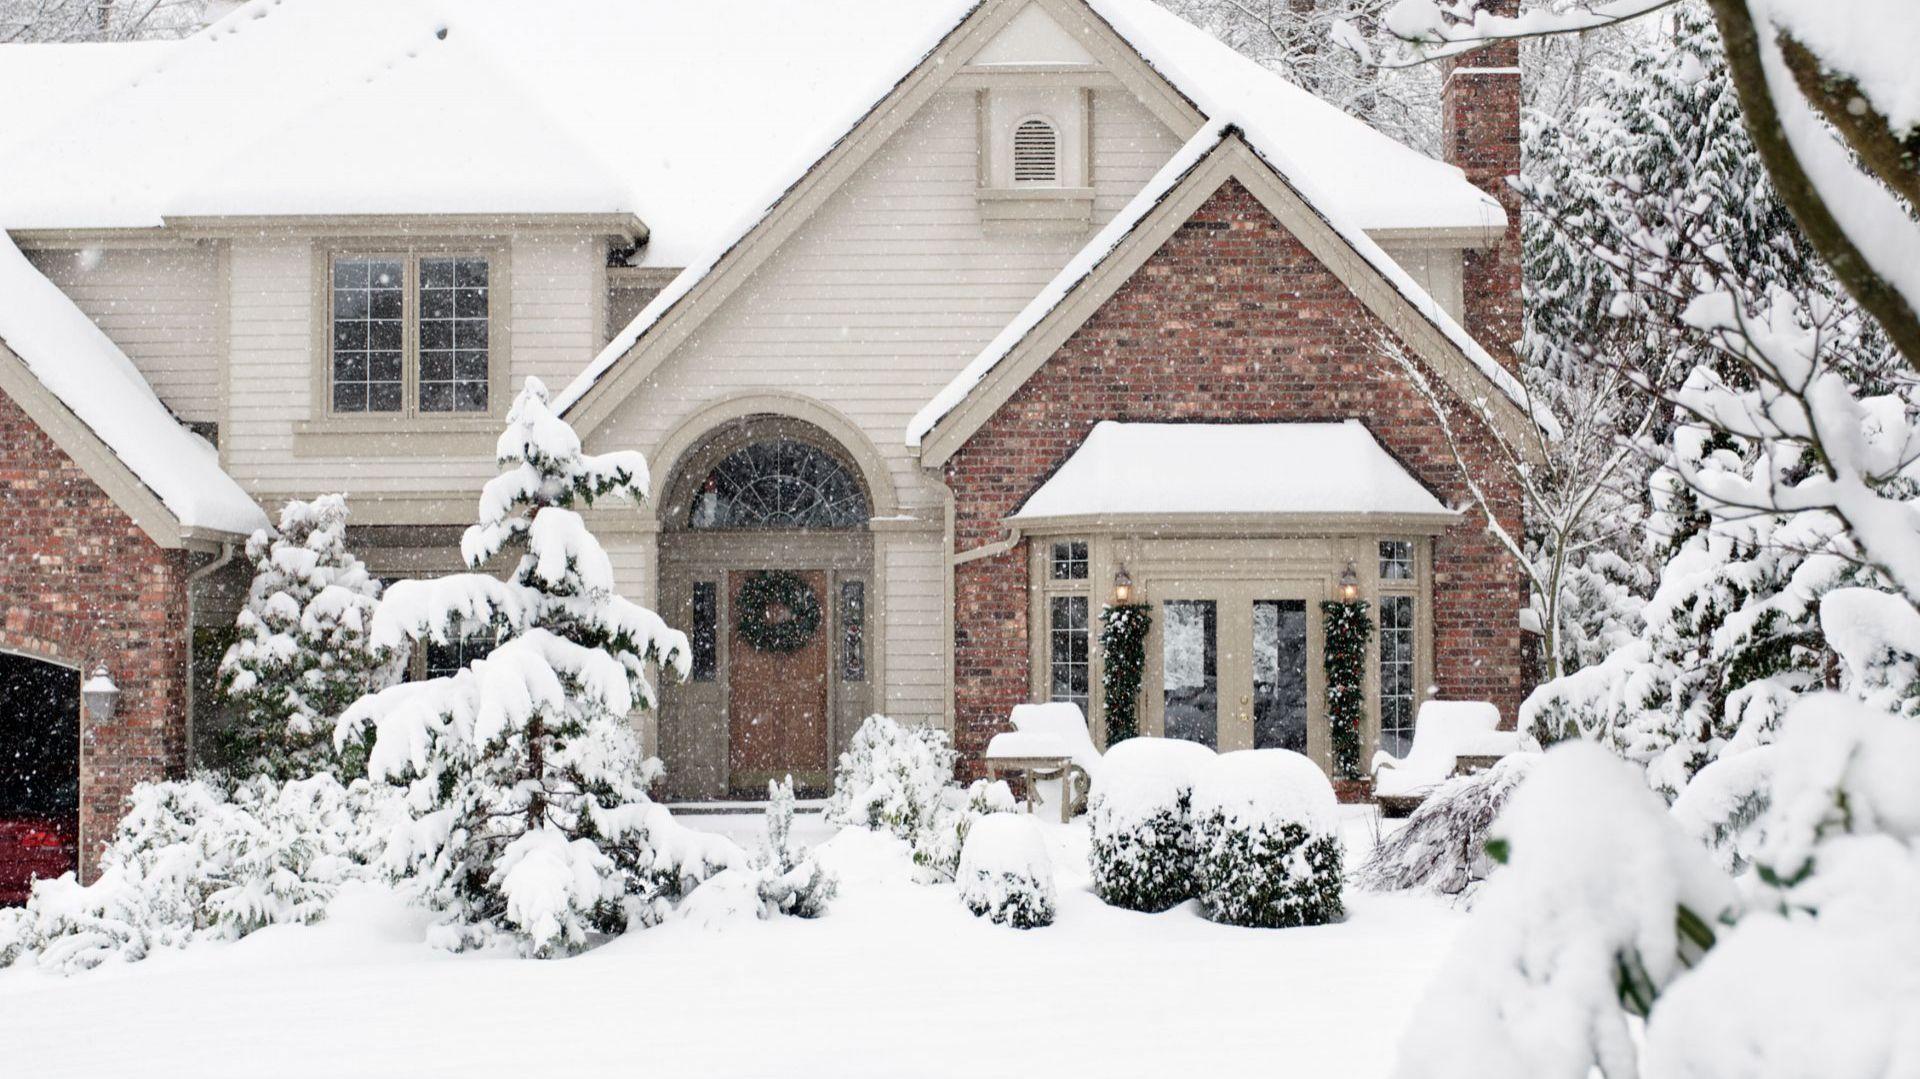 Oczyszczanie zimą chodnika przy naszej posesji jest obowiązkiem. Trzeba zrobić to nie tylko skutecznie, ale także mądrze. Fot. Shutterstock